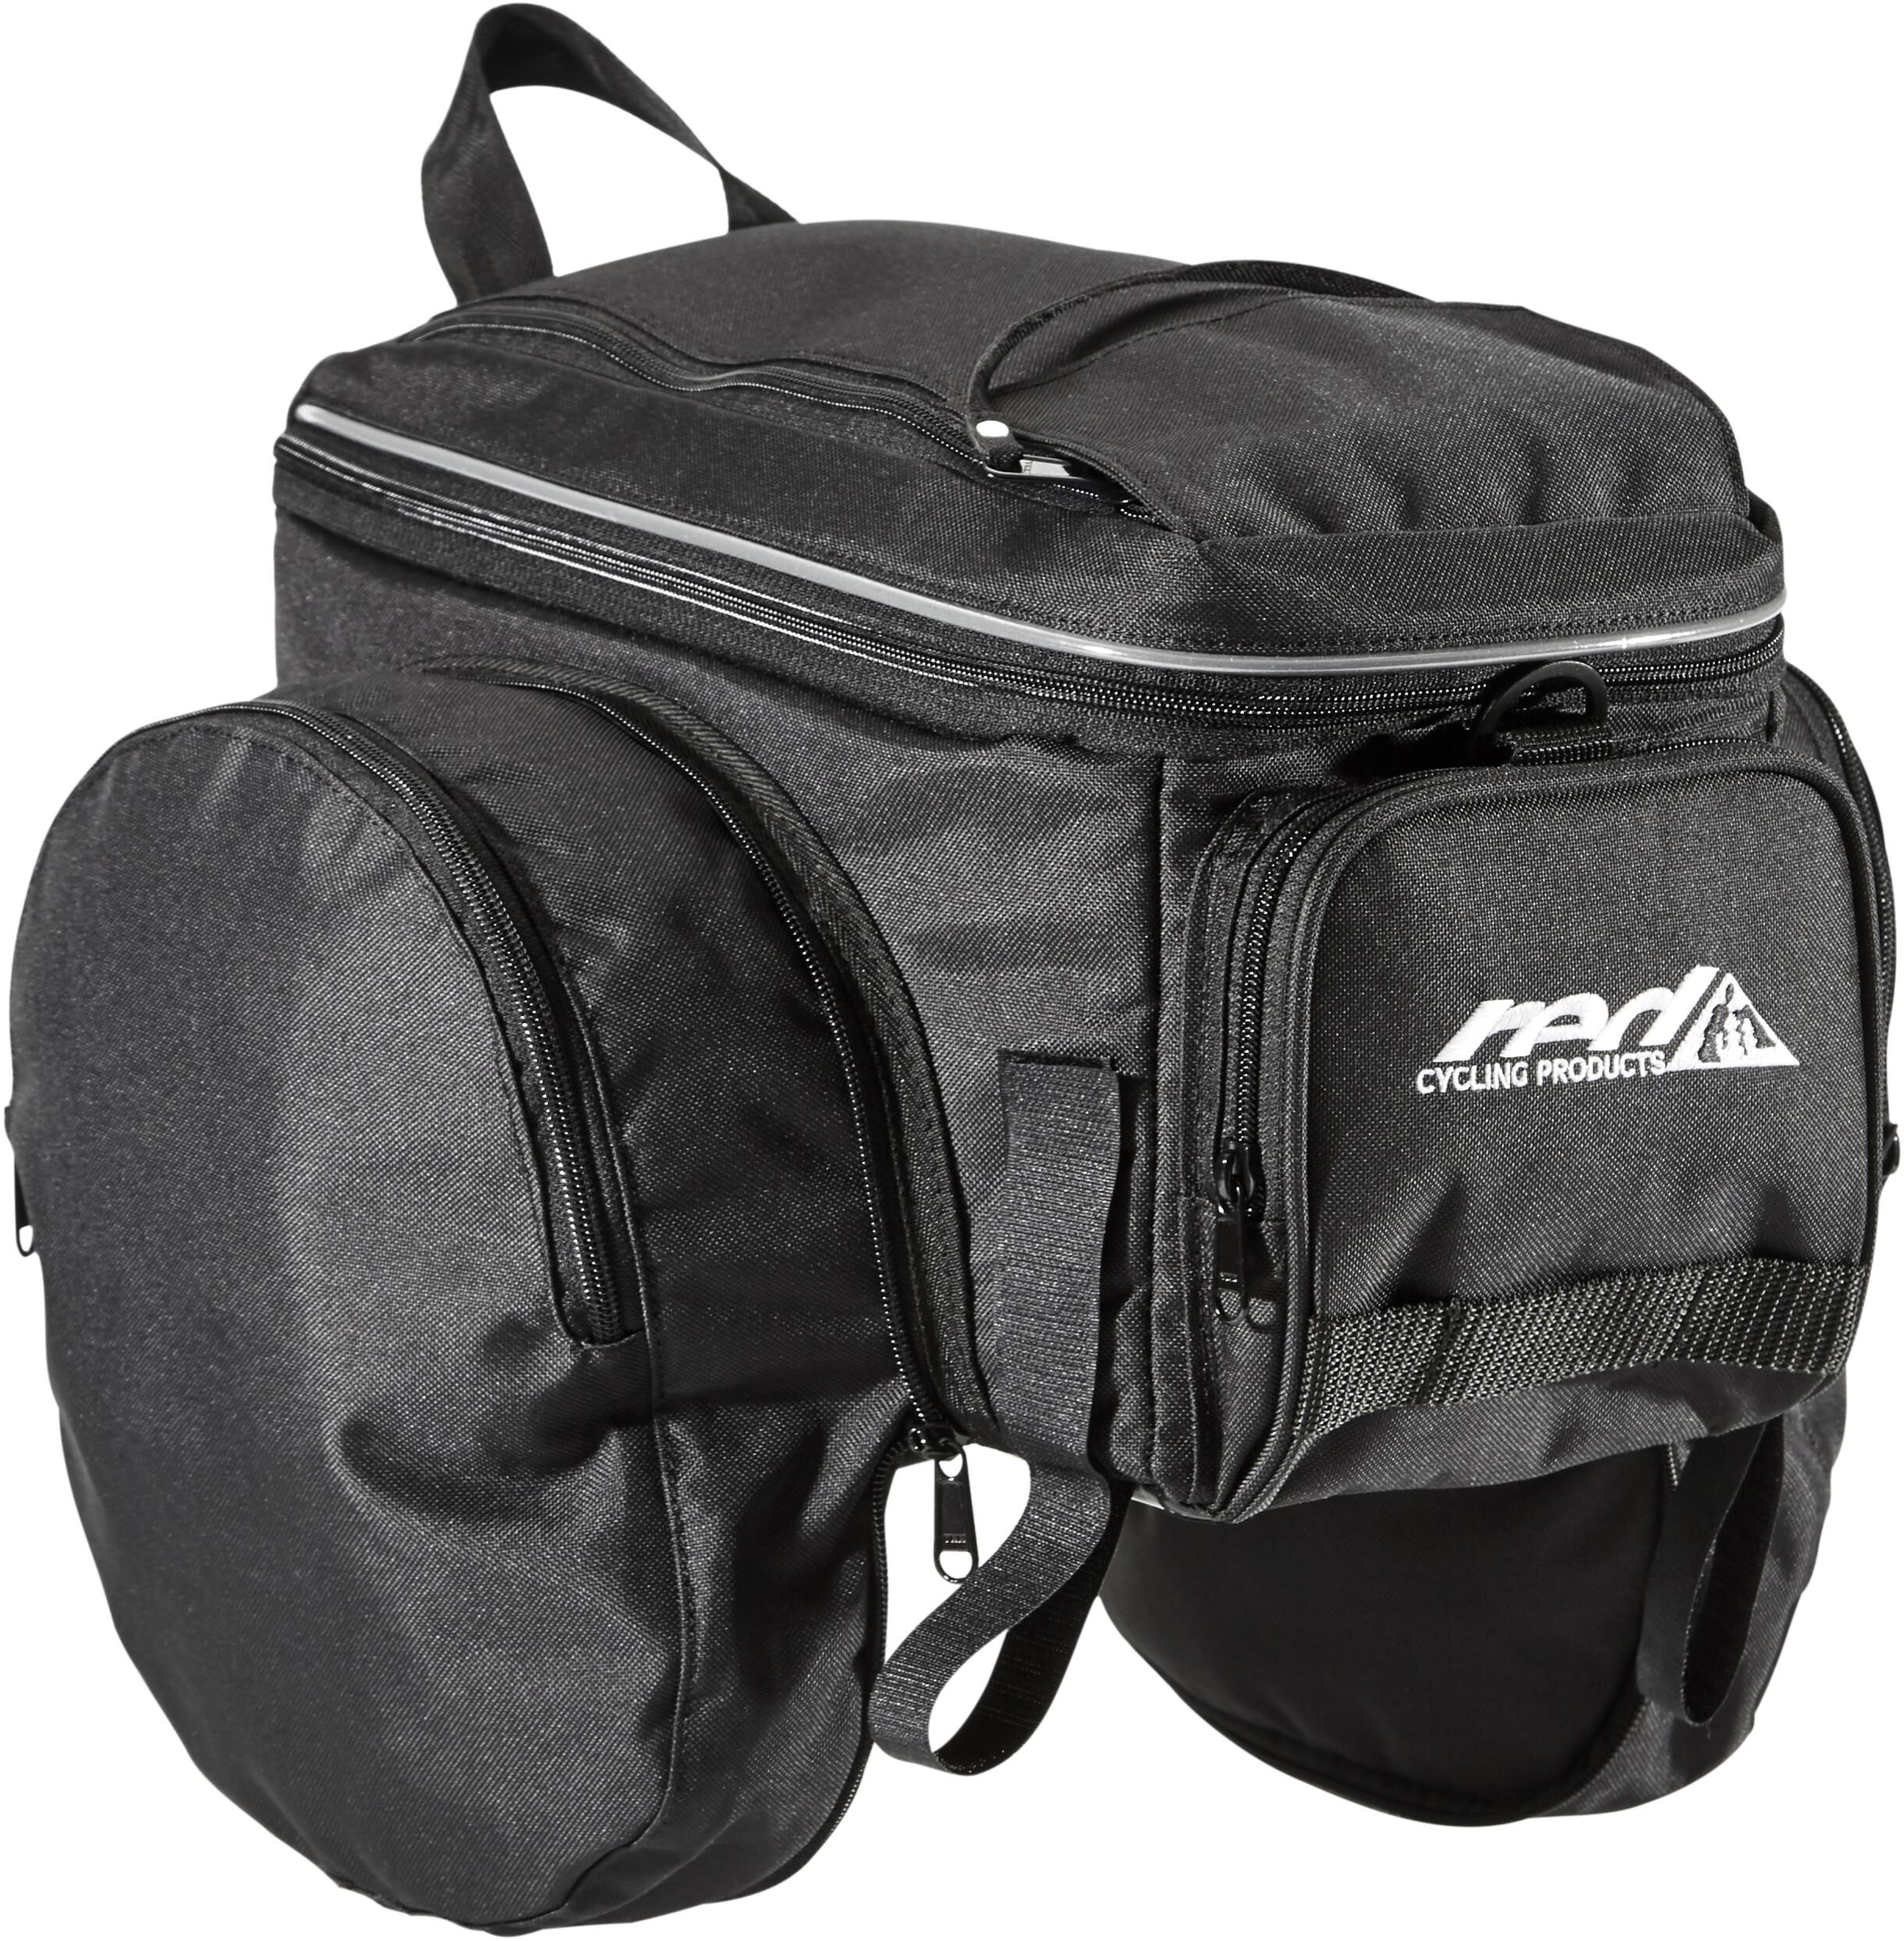 c0e3f47009413 Red Cycling Products Rack Pack Torba rowerowa XXL czarny | Sklep ...